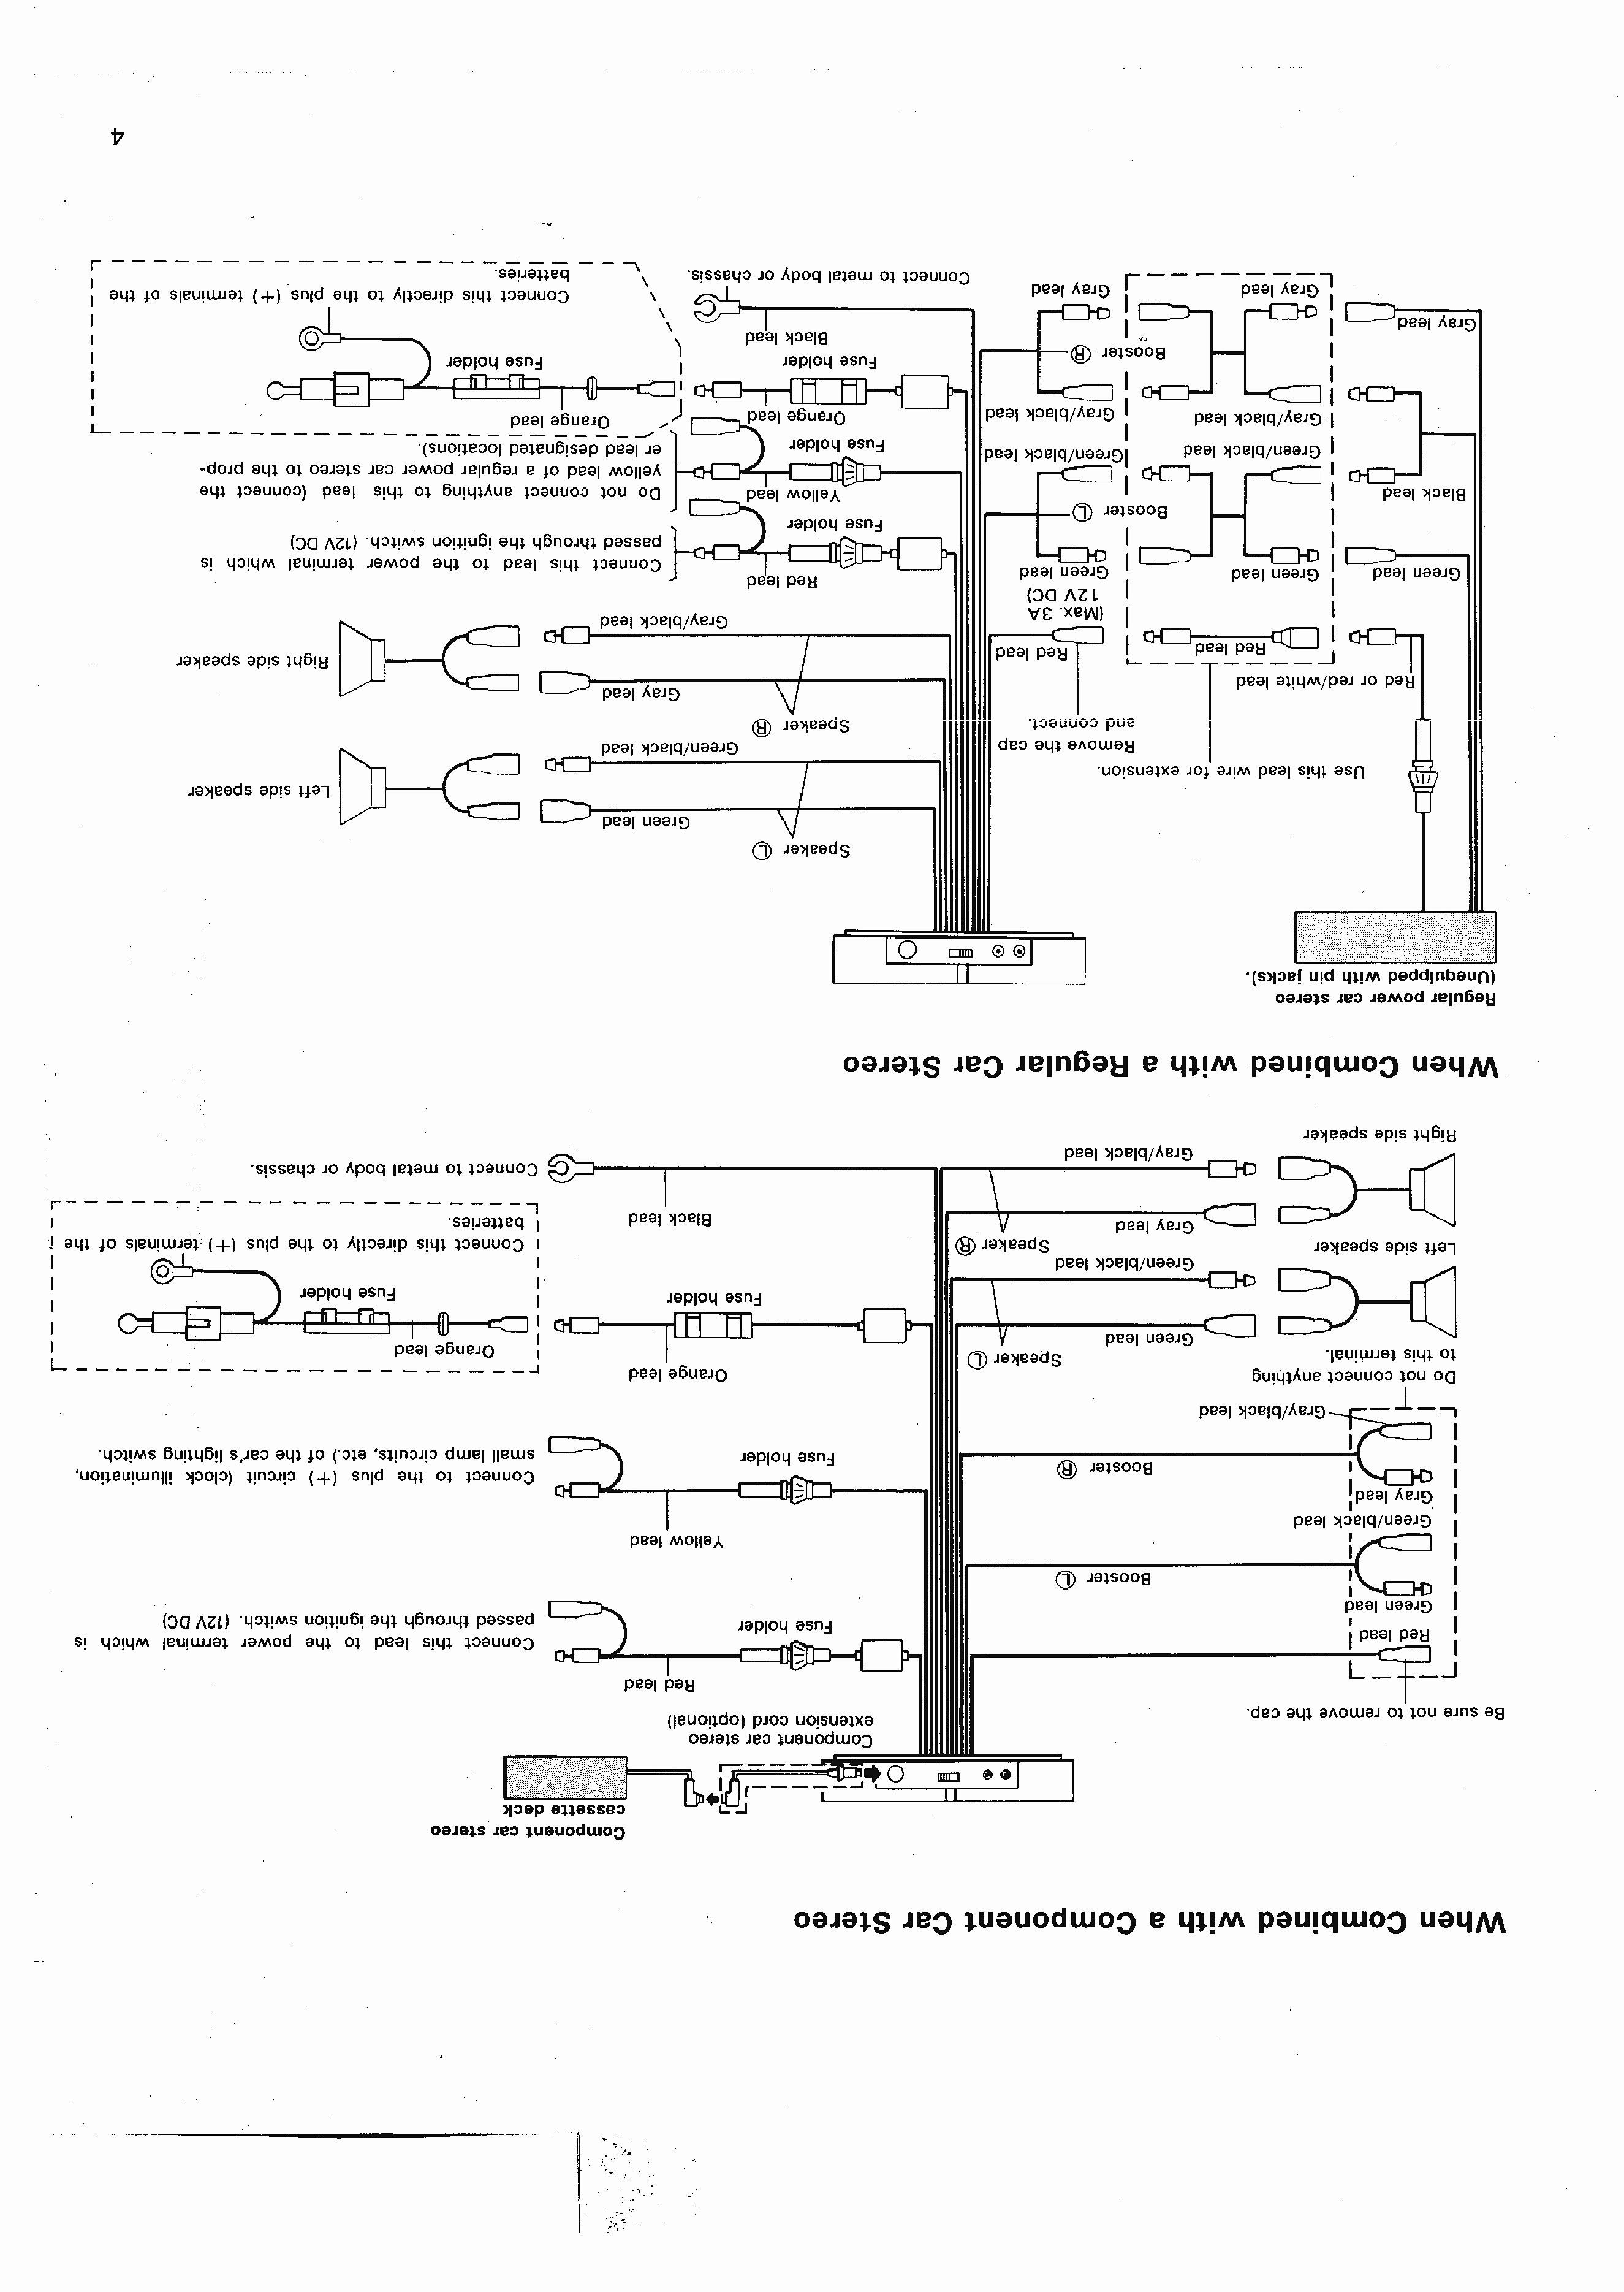 Pioneer Avh X2700Bs Harness Wiring Diagram | Wiring Diagram - Pioneer Avh X2700Bs Wiring Diagram